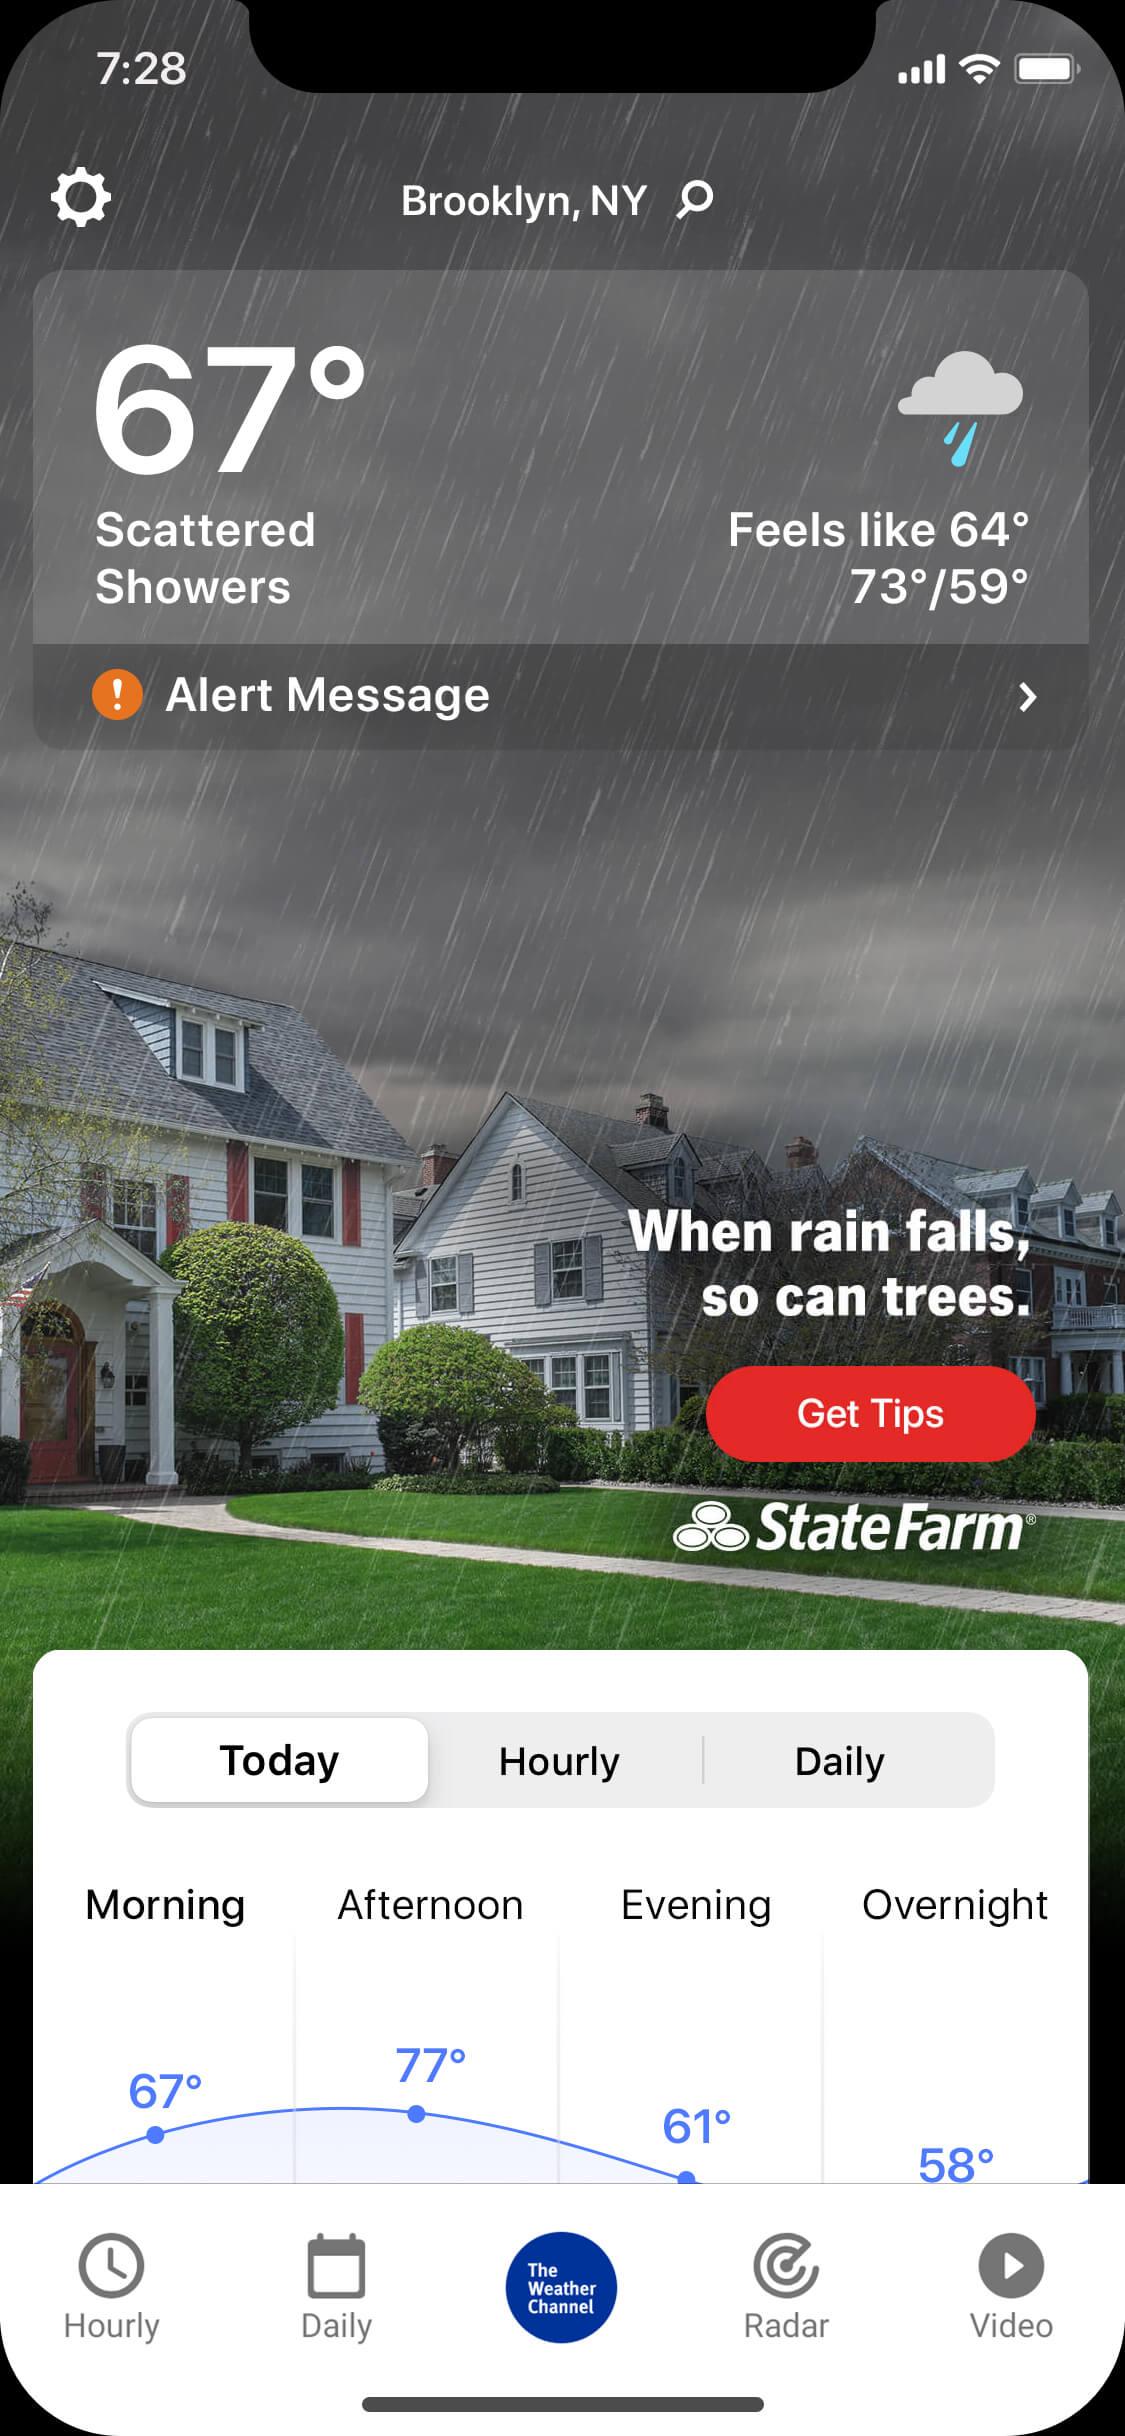 sf-maim-rainy-day